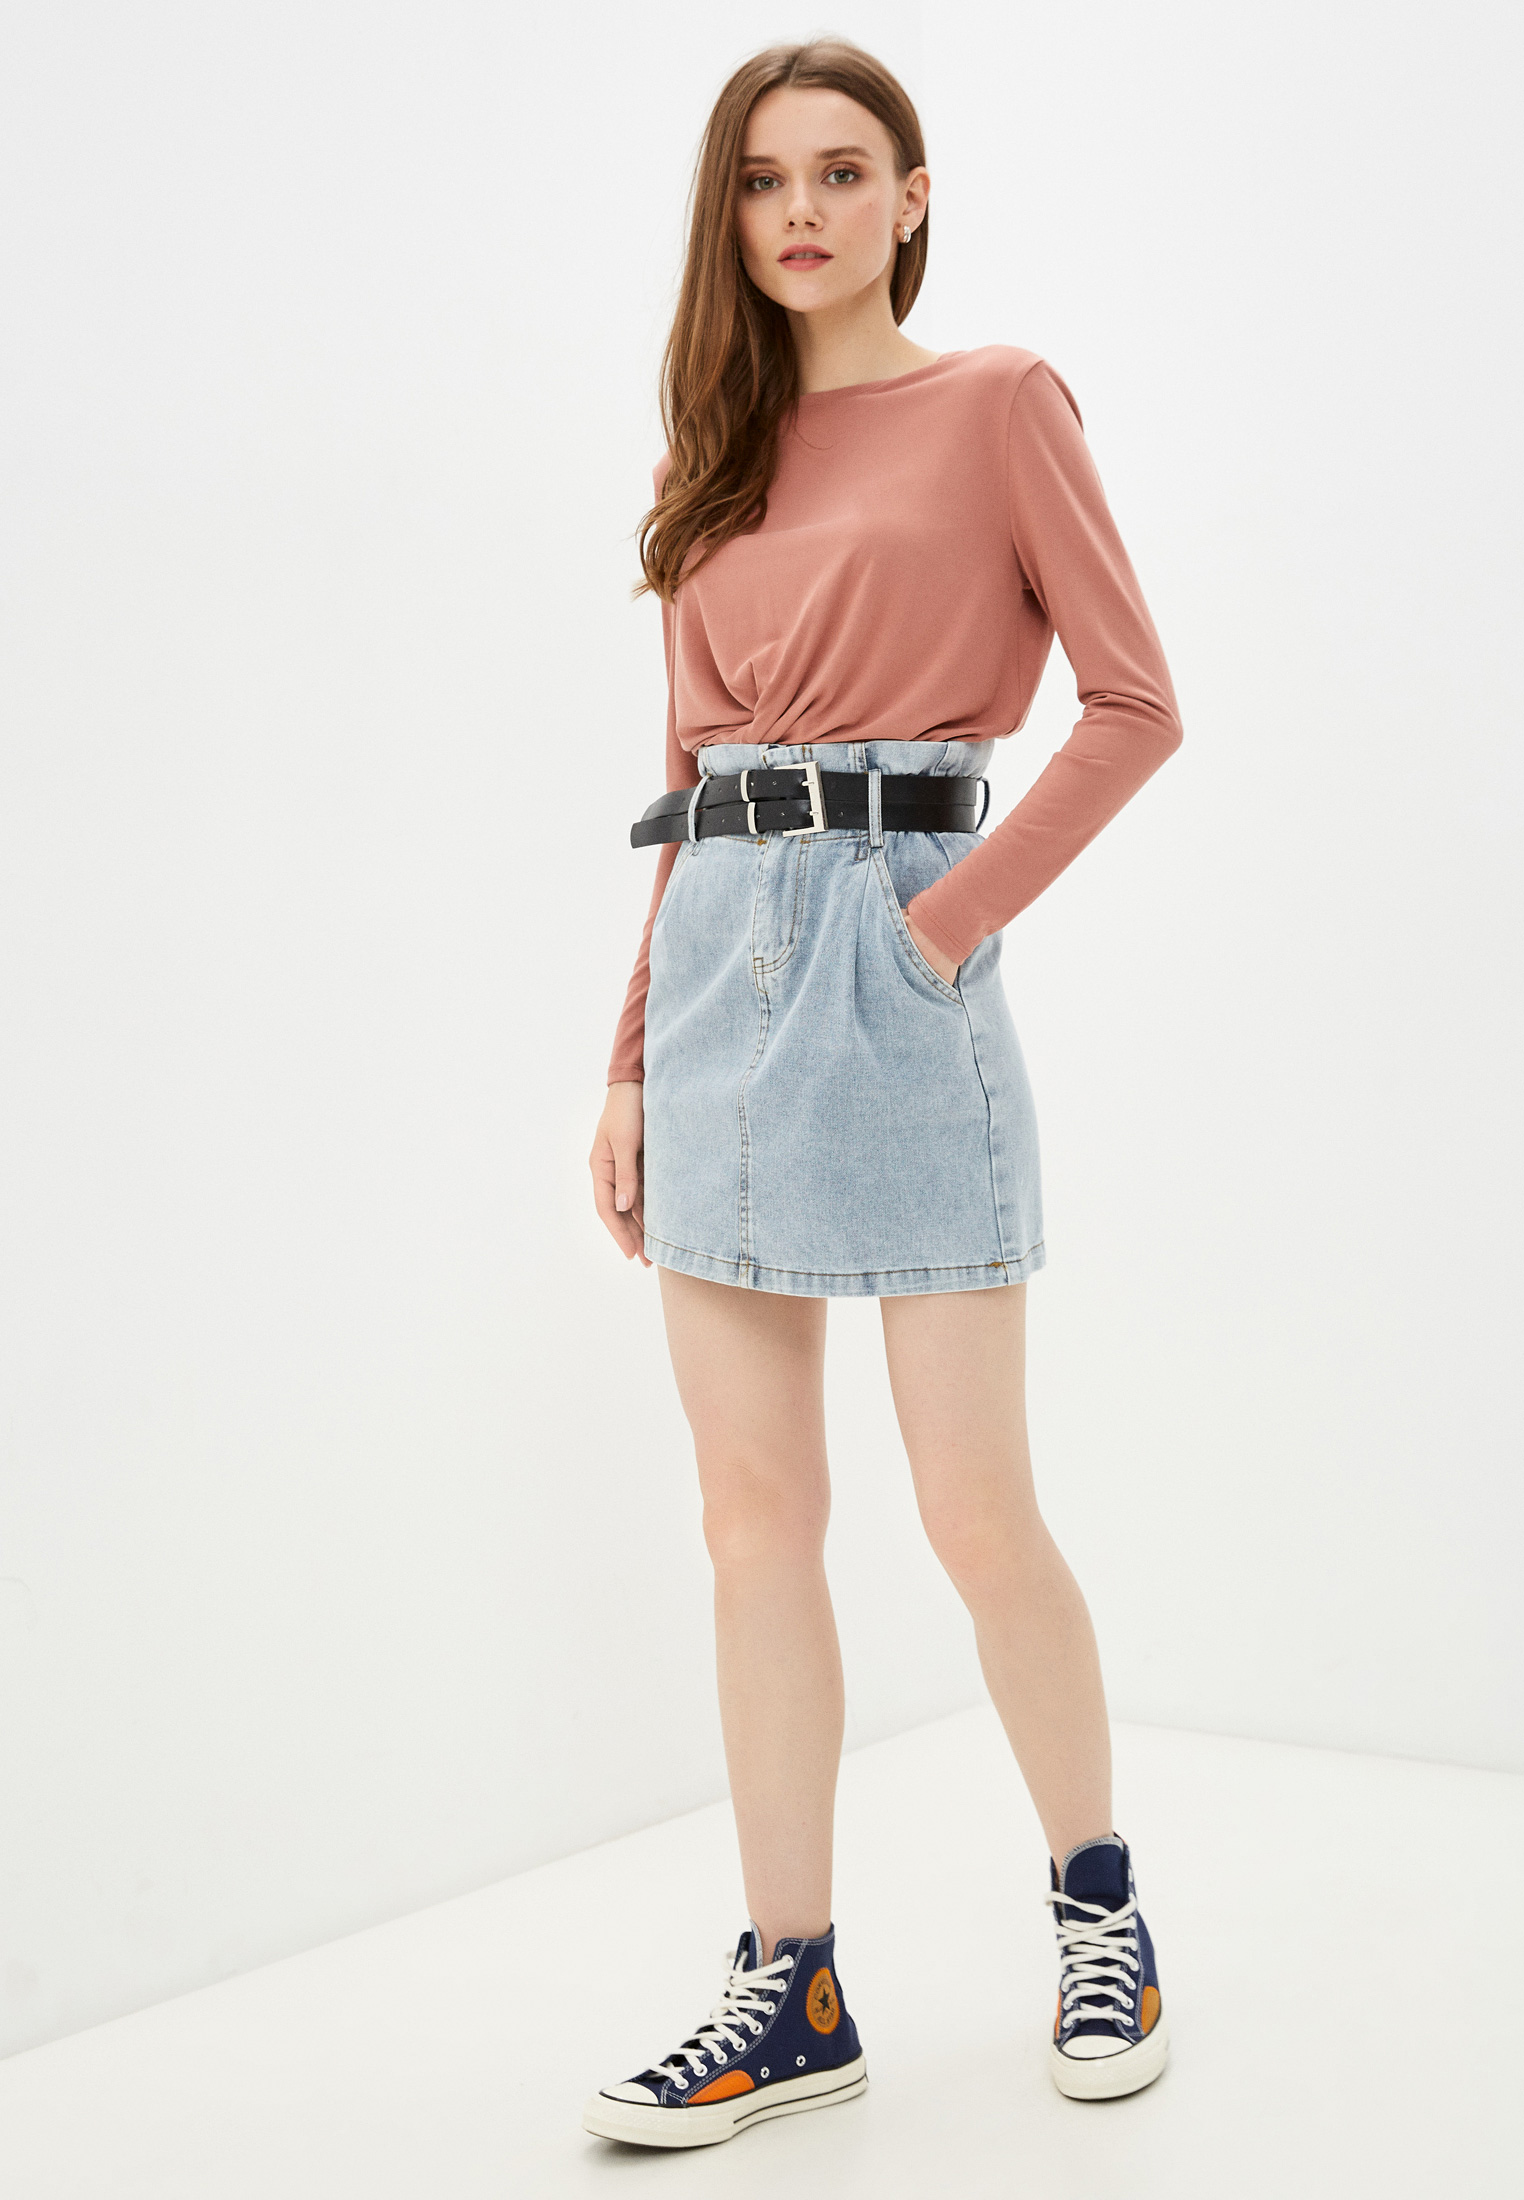 Джинсовая юбка Miss Gabby 5758: изображение 2